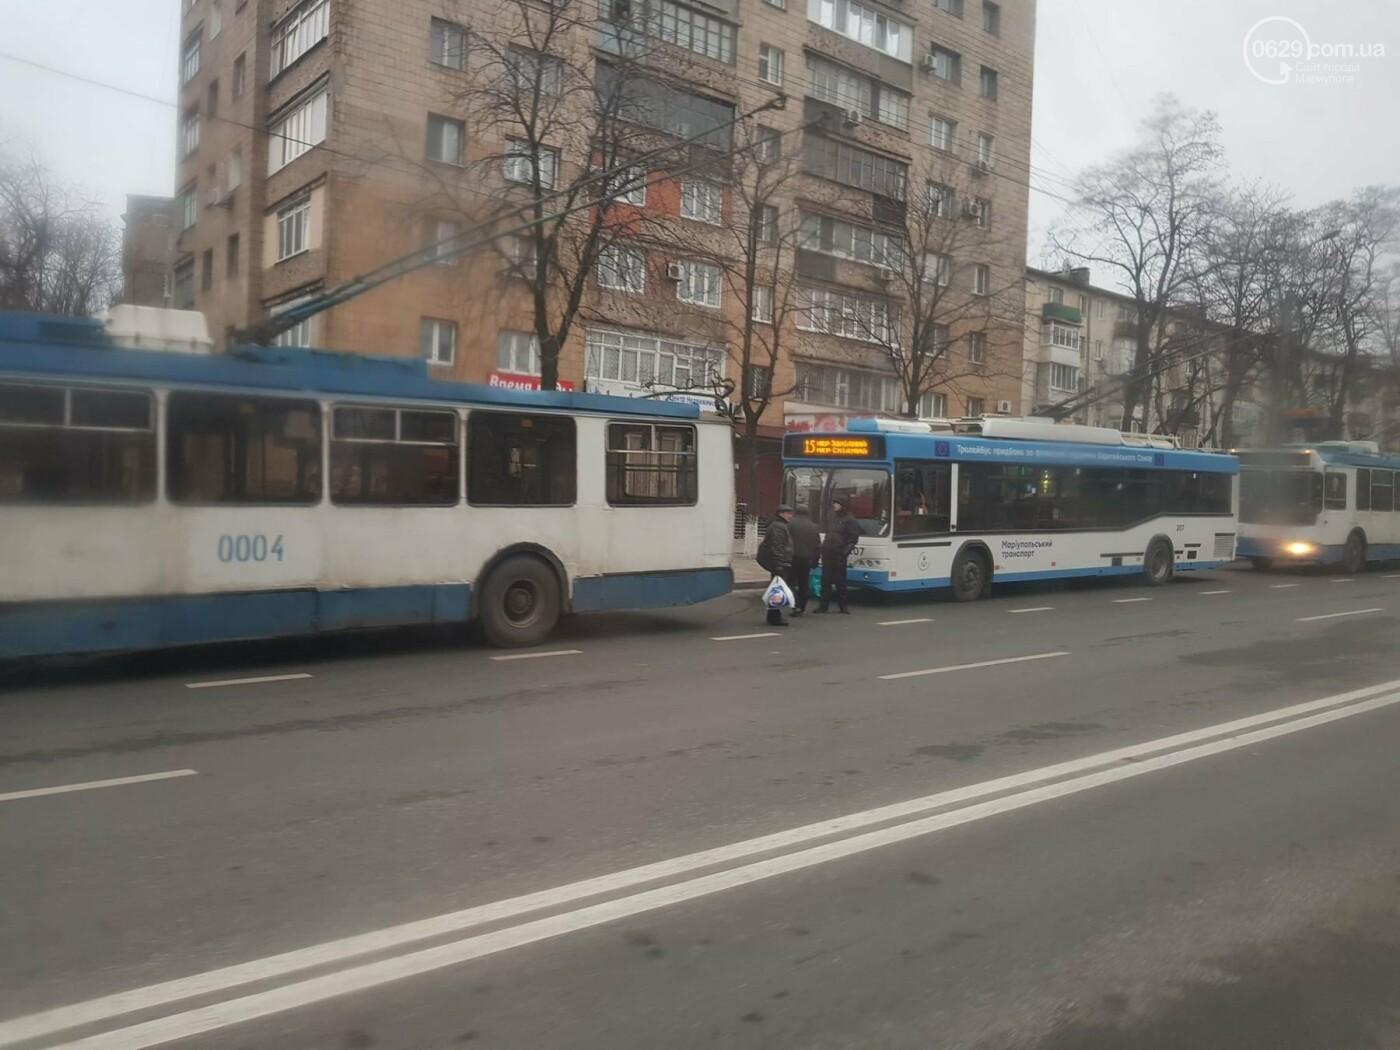 В центре Мариуполя парализовано движение троллейбусов, - ФОТОФАКТ, фото-2